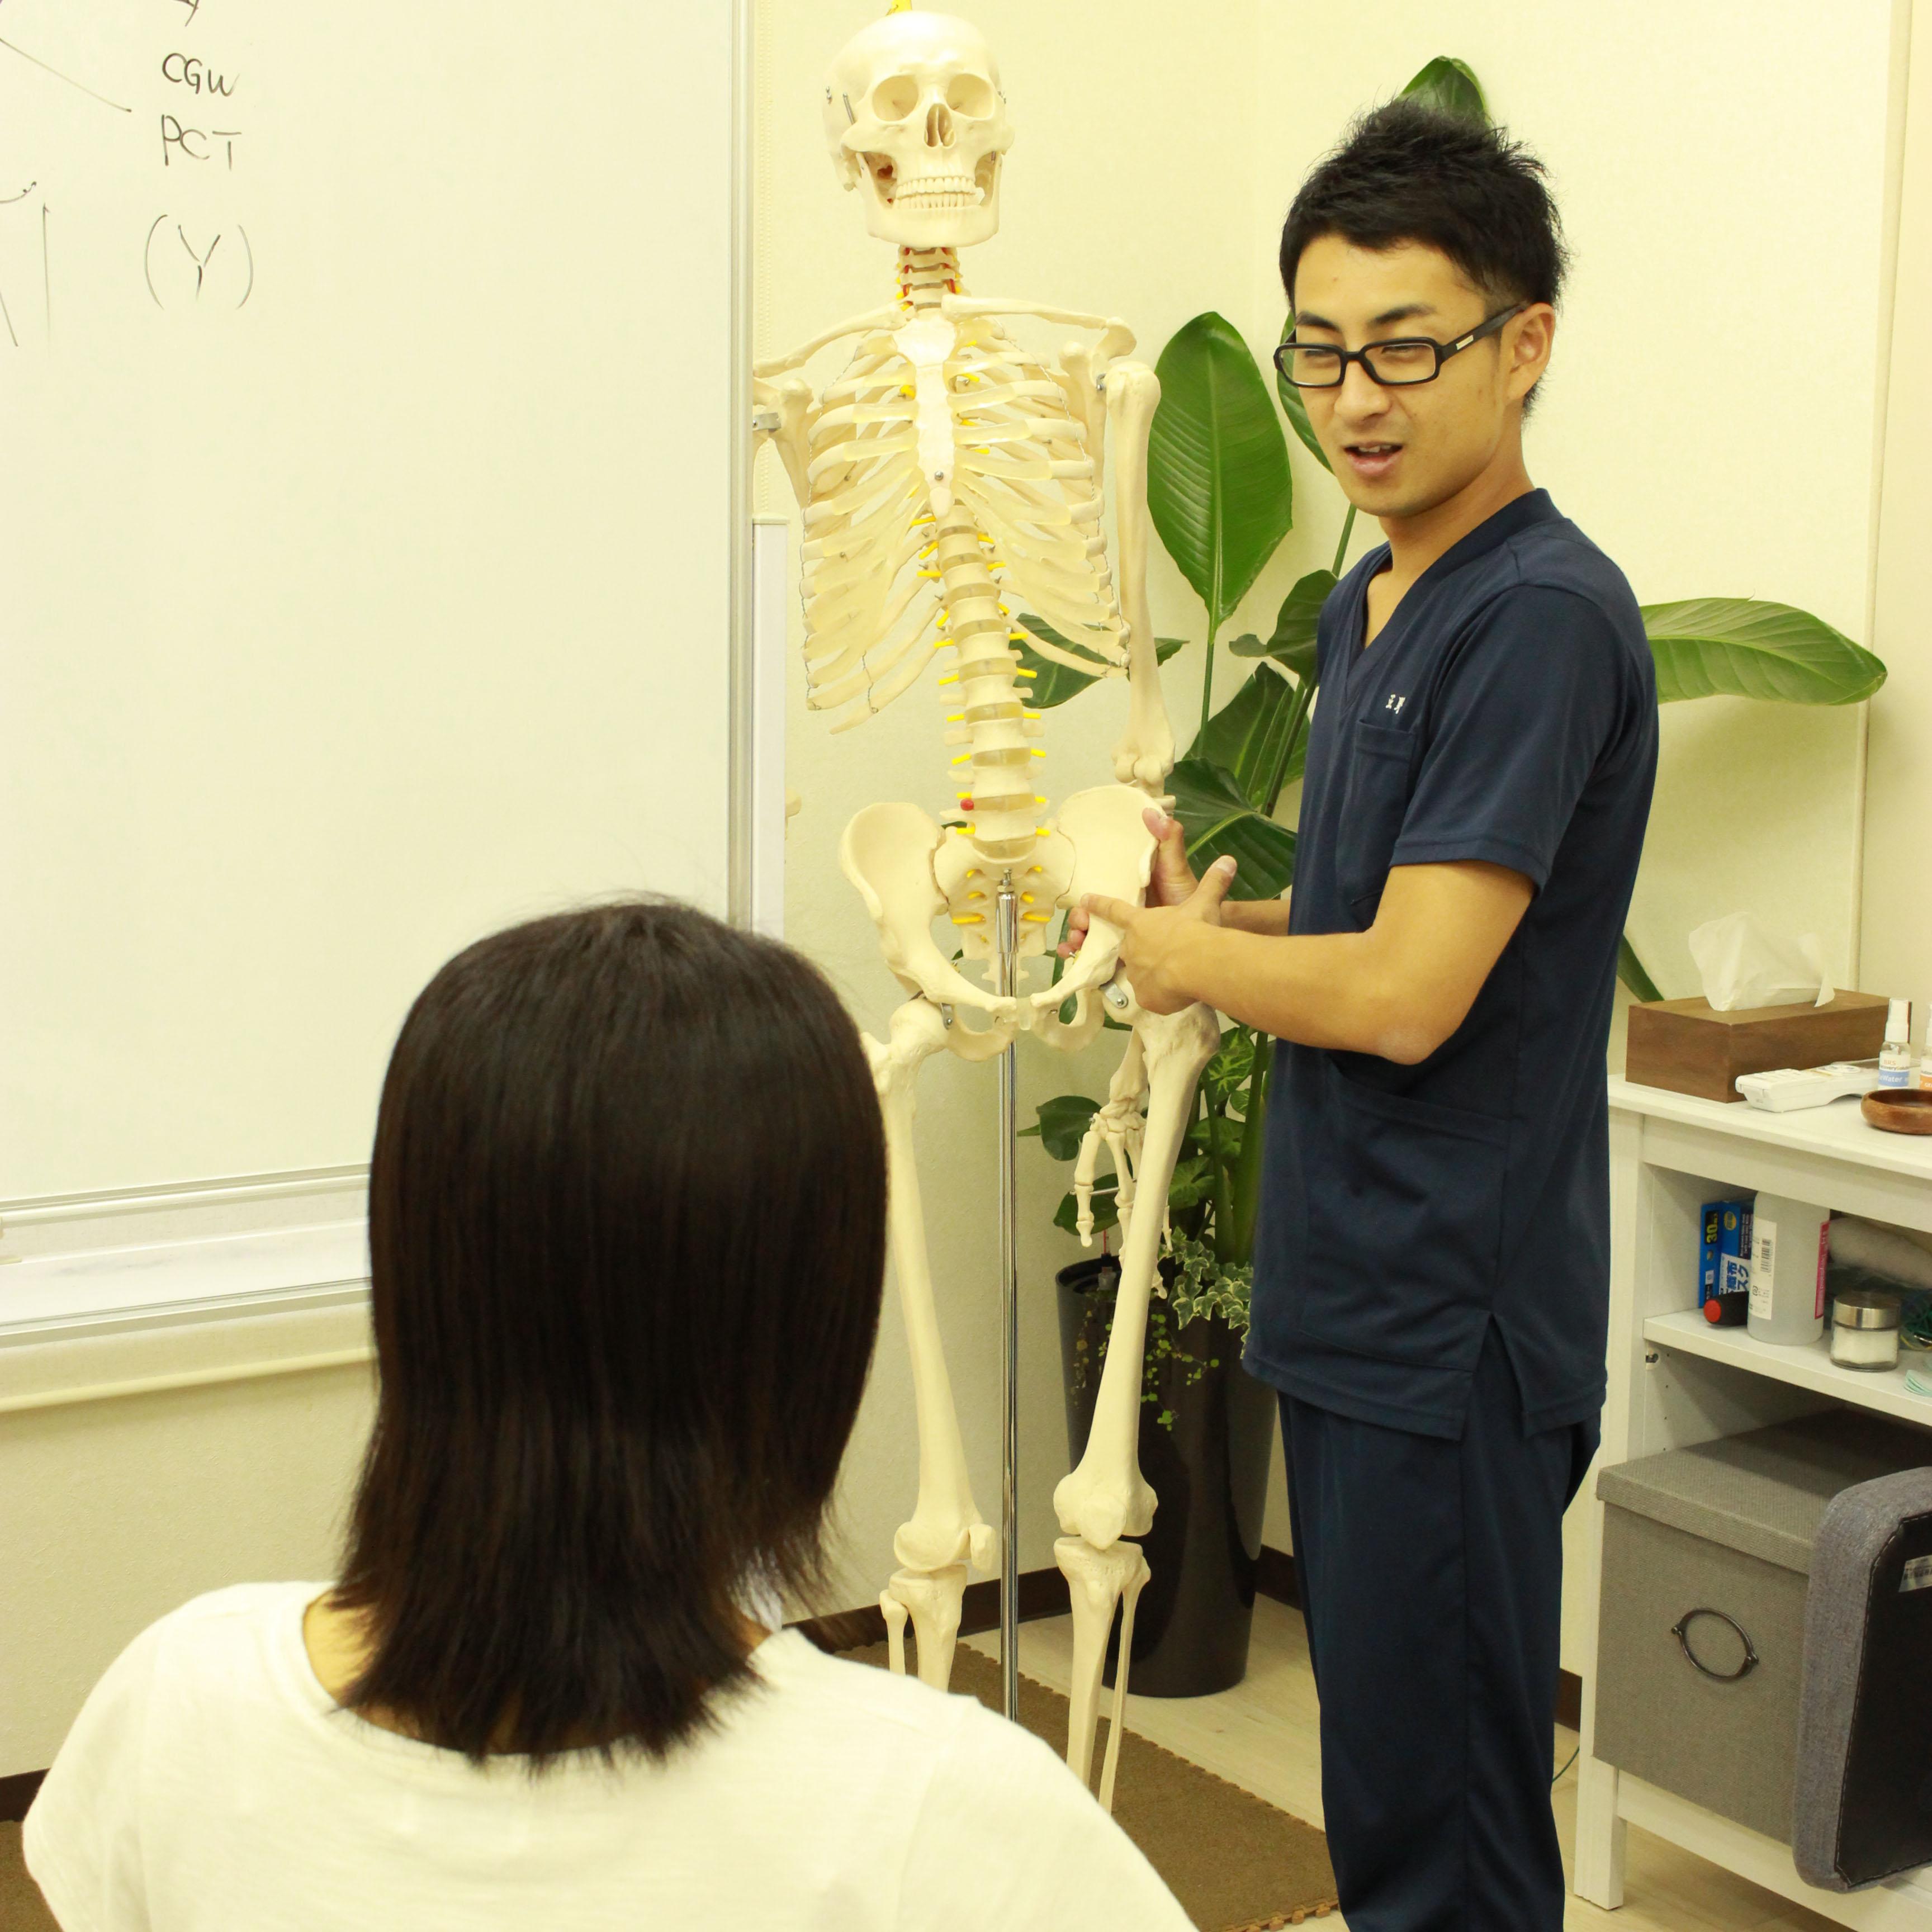 習志野市津田沼/整体/おからだの根本改善専門院 シンセロ治療院